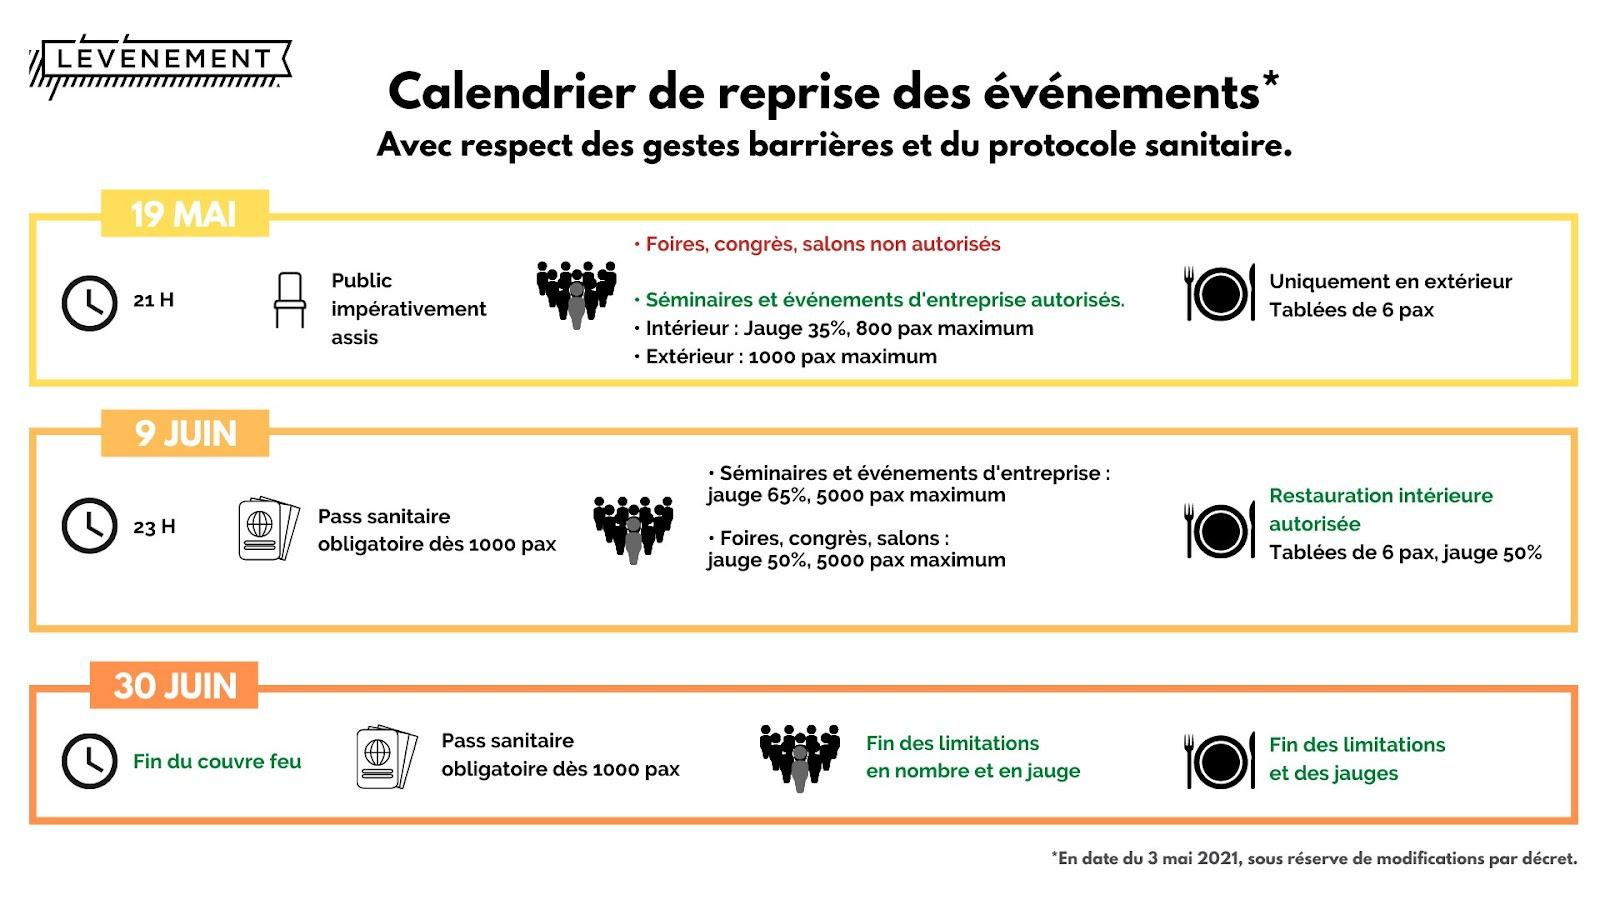 calendrier de reprises des évènements de l'événement association